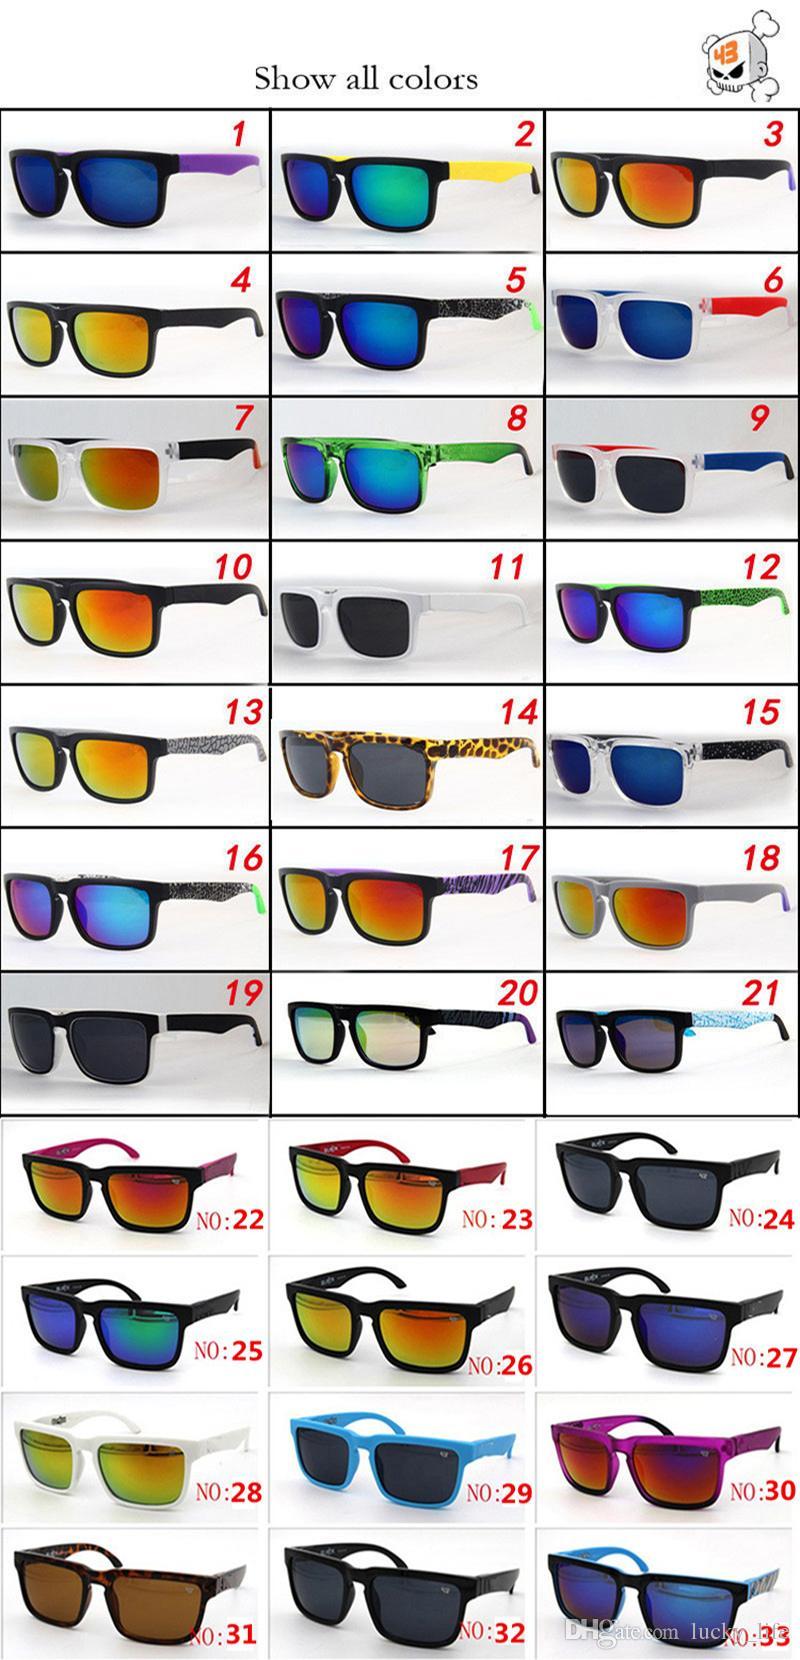 33 Kolory Lato Mężczyźni Bicykl Jazdy Okulary Plażowe Kobiety UV Okulary przeciwsłoneczne Żywicy Niebieski obiektyw Octan Sport Jazda Okulary przeciwsłoneczne Gogle